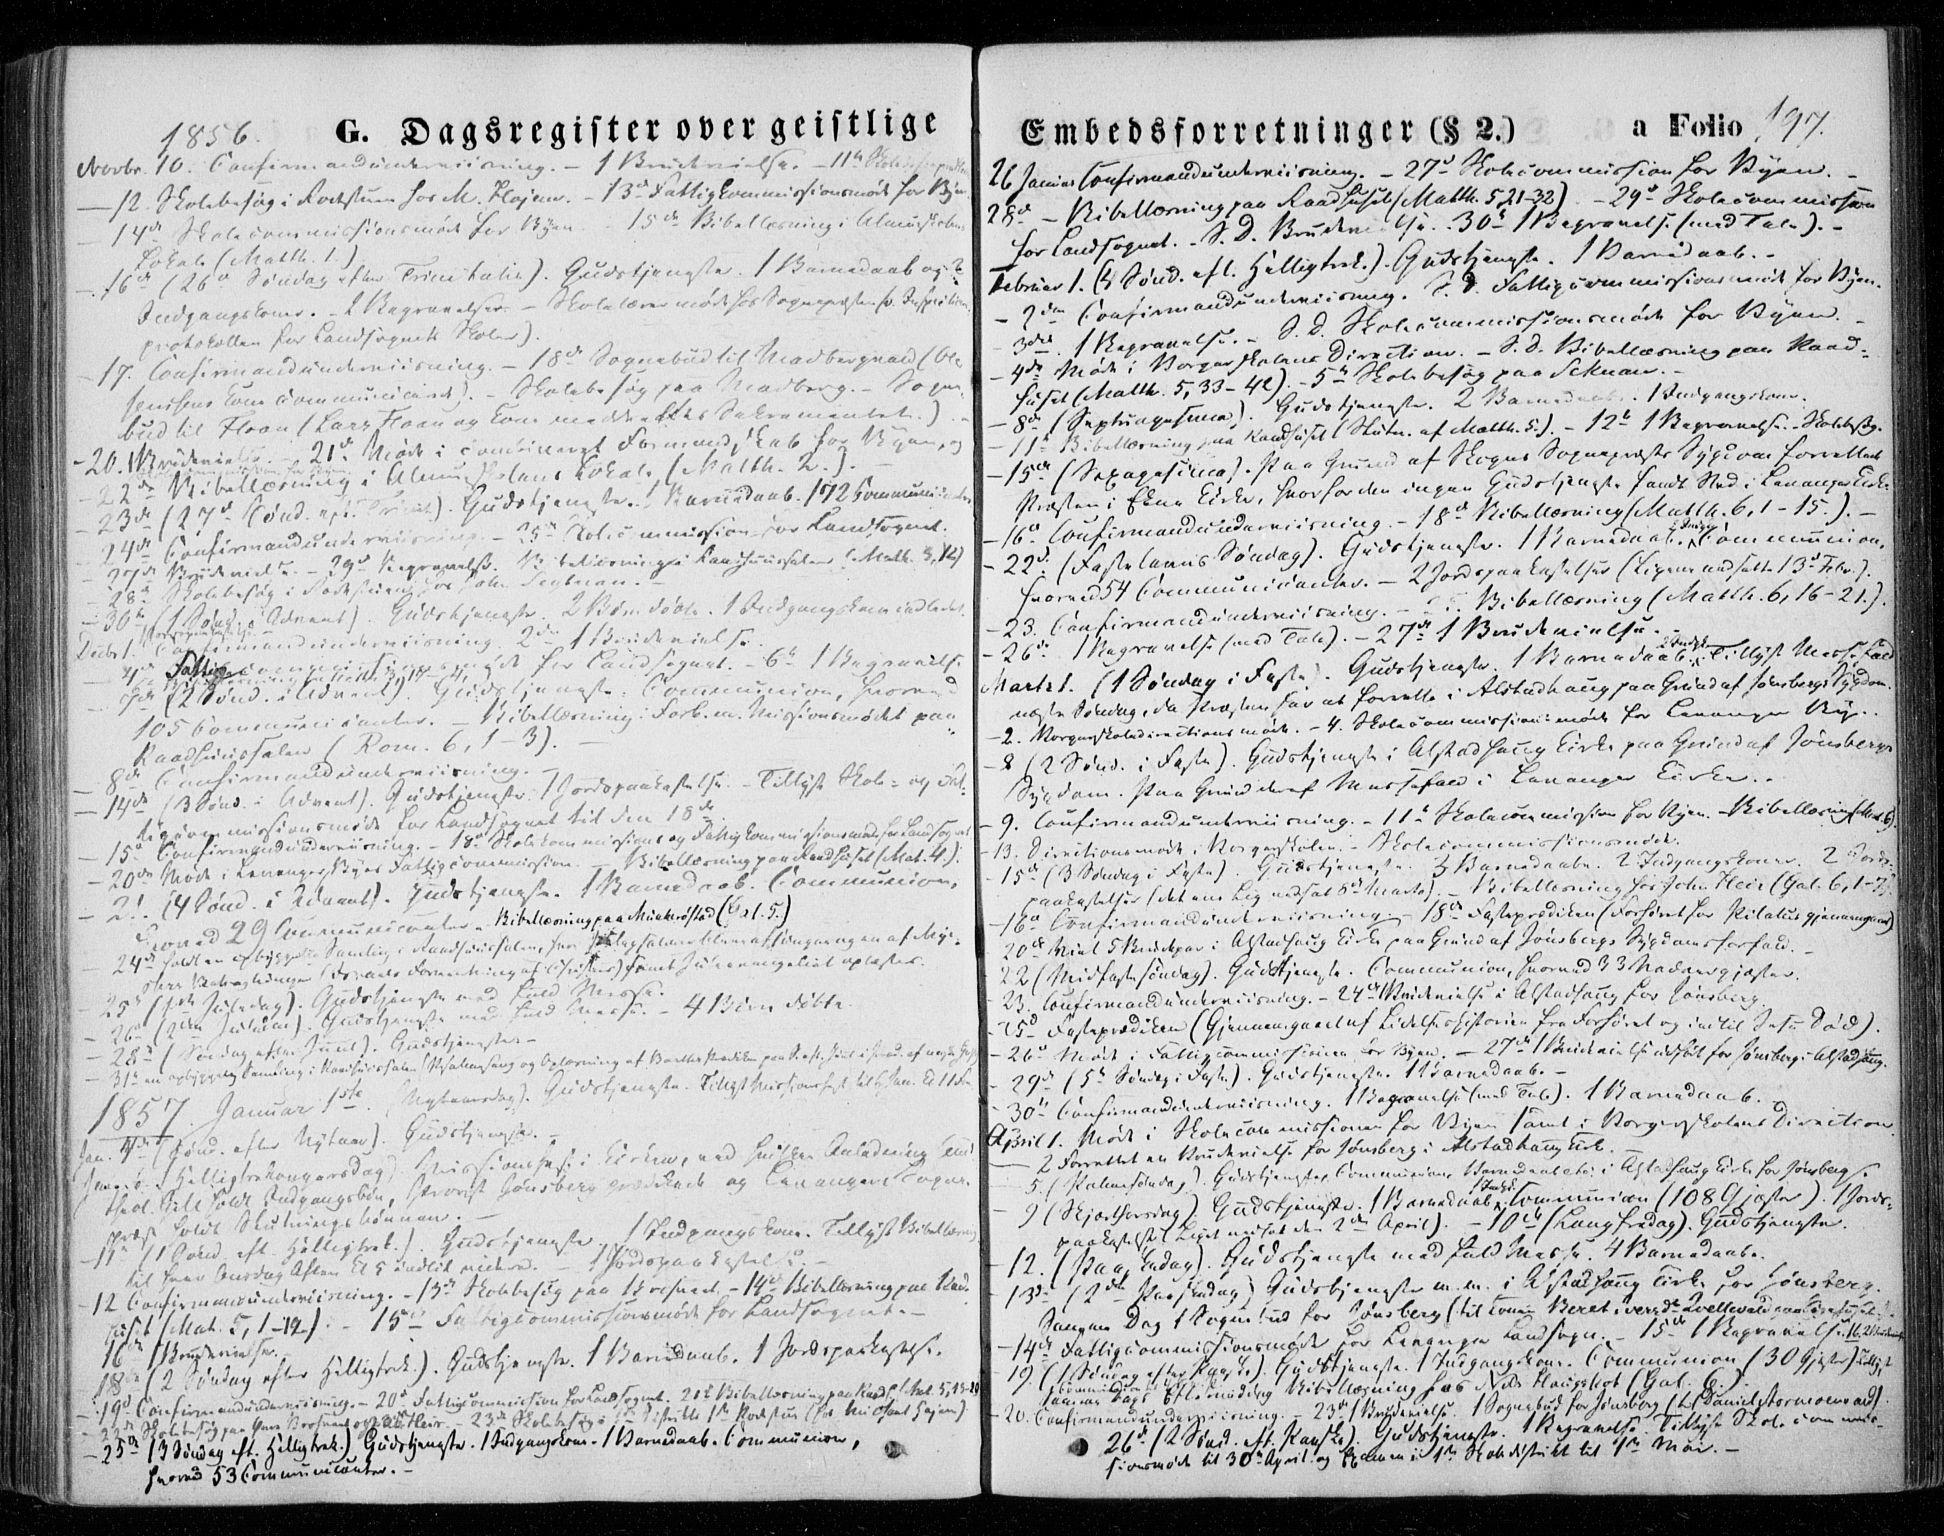 SAT, Ministerialprotokoller, klokkerbøker og fødselsregistre - Nord-Trøndelag, 720/L0184: Ministerialbok nr. 720A02 /1, 1855-1863, s. 197